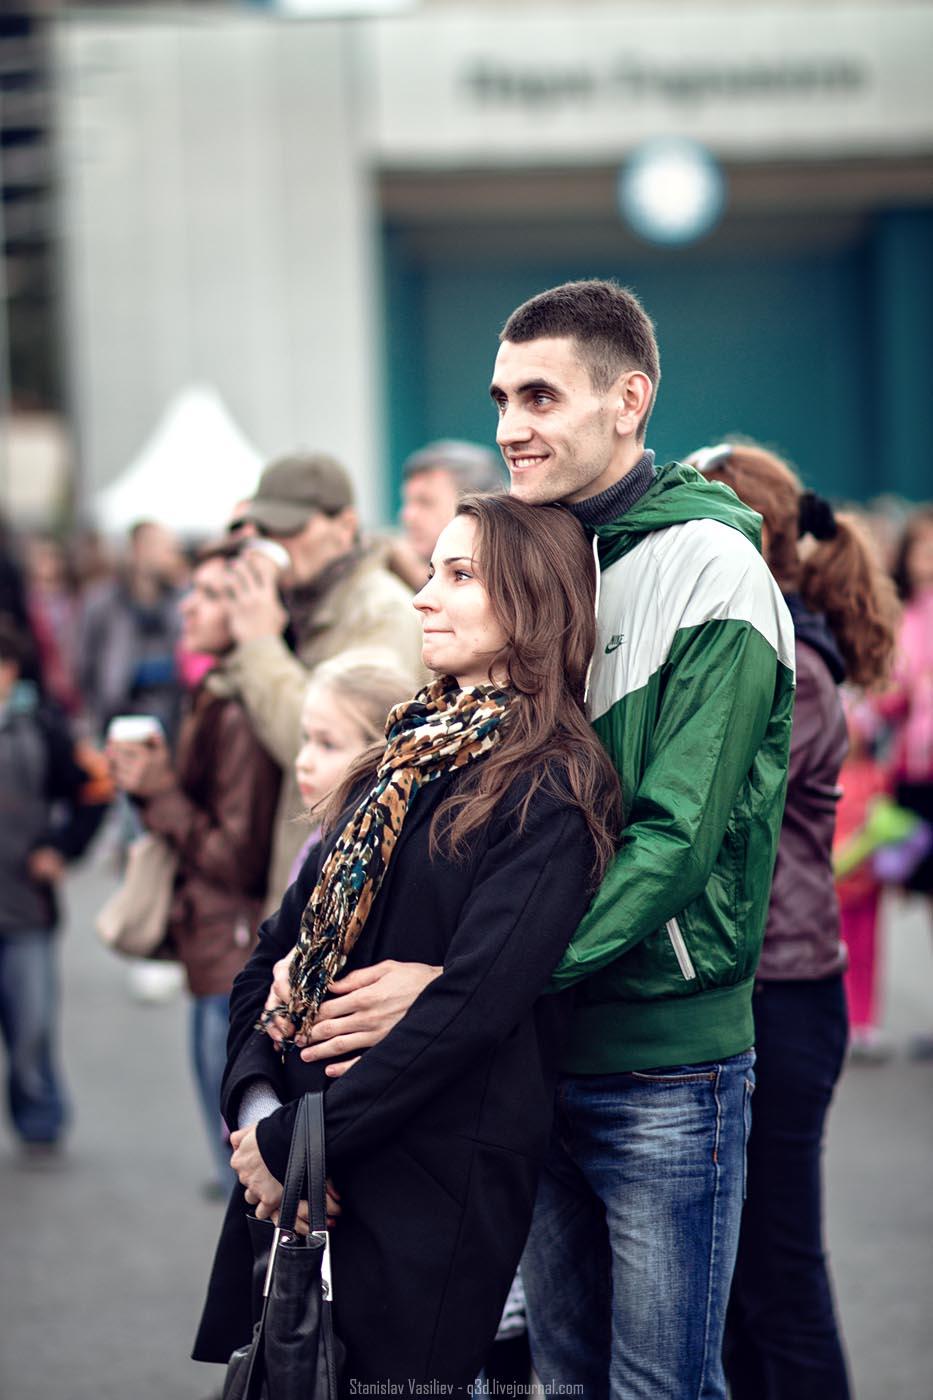 День города - Москва - 2013 - #074